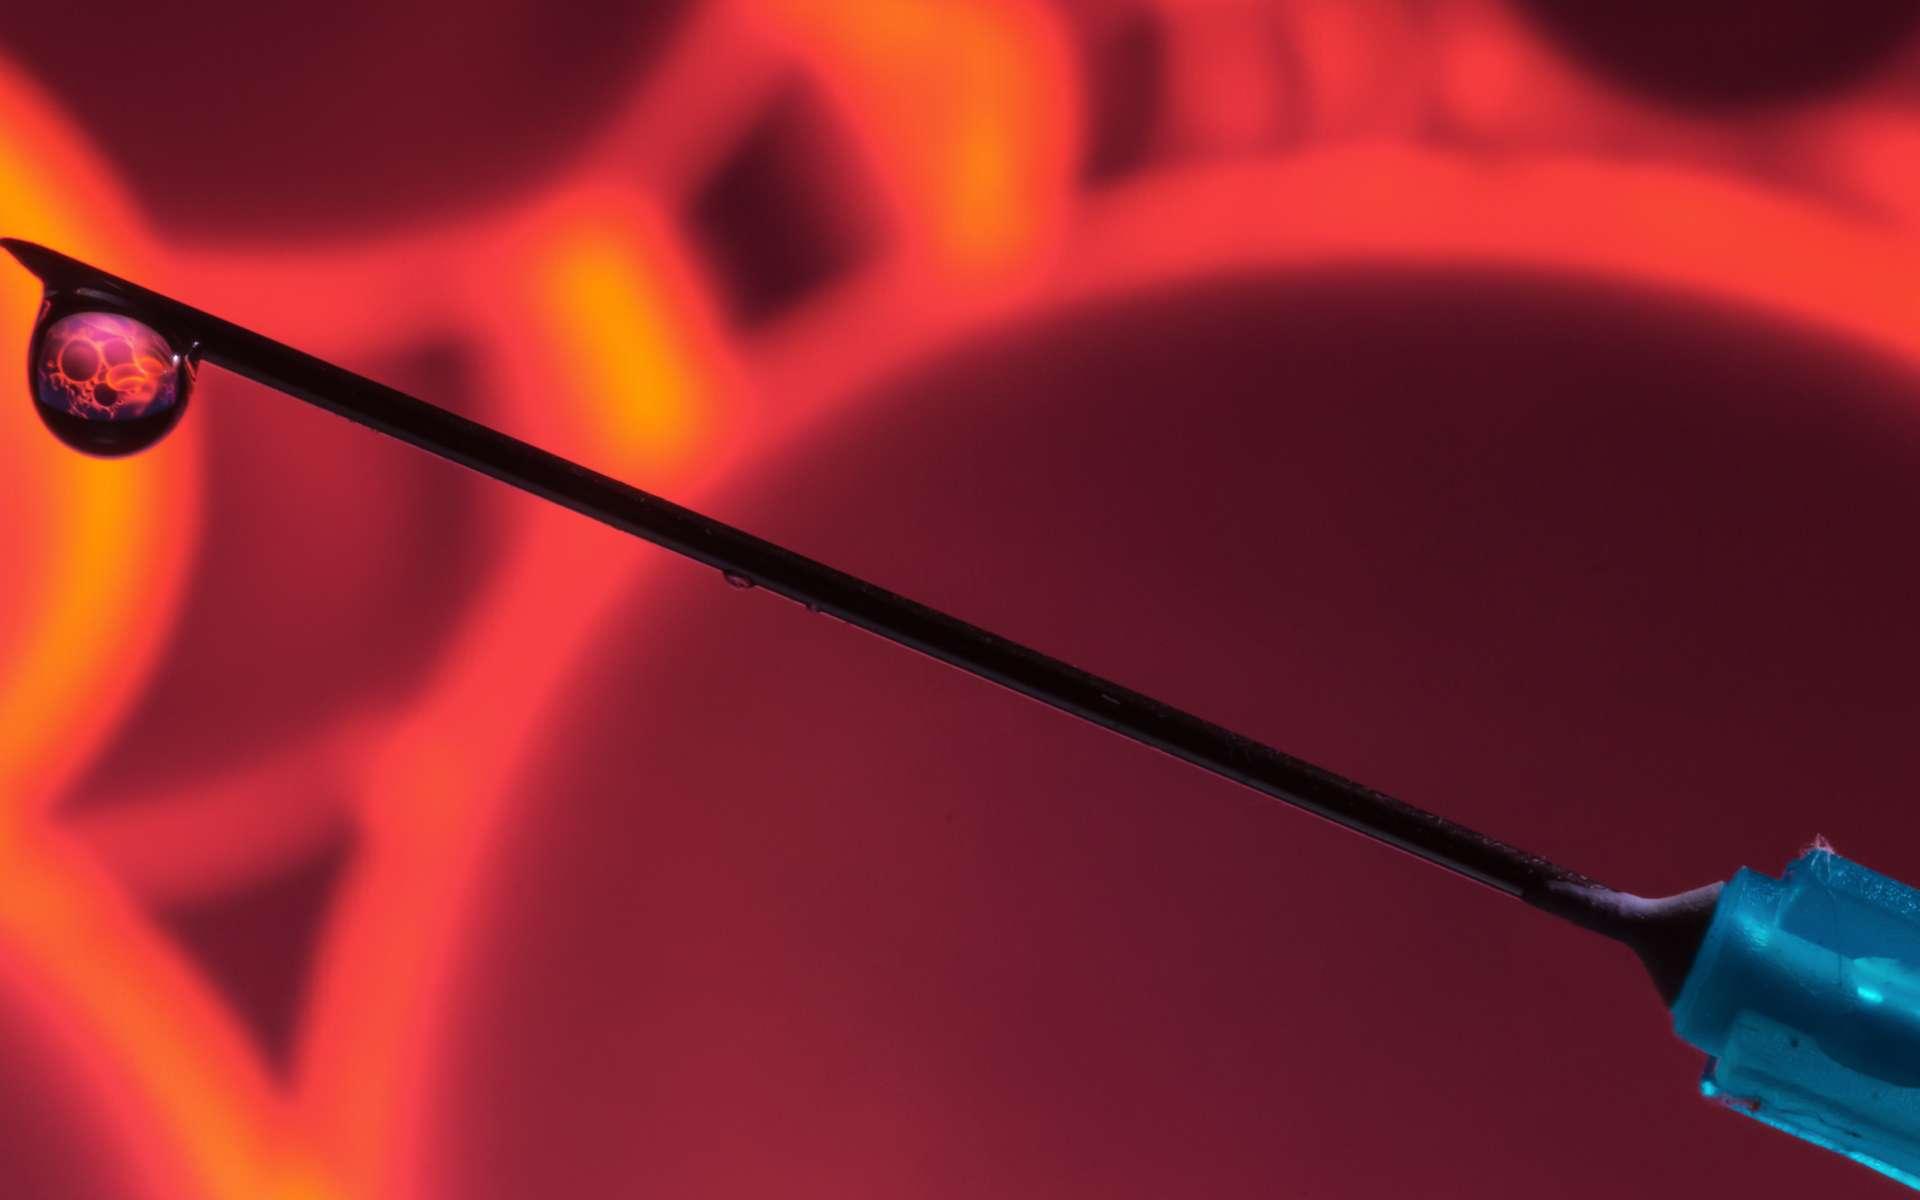 L'EPO, une hormone naturelle, est détournée à de fins de dopage. © Brian Legate, Flickr